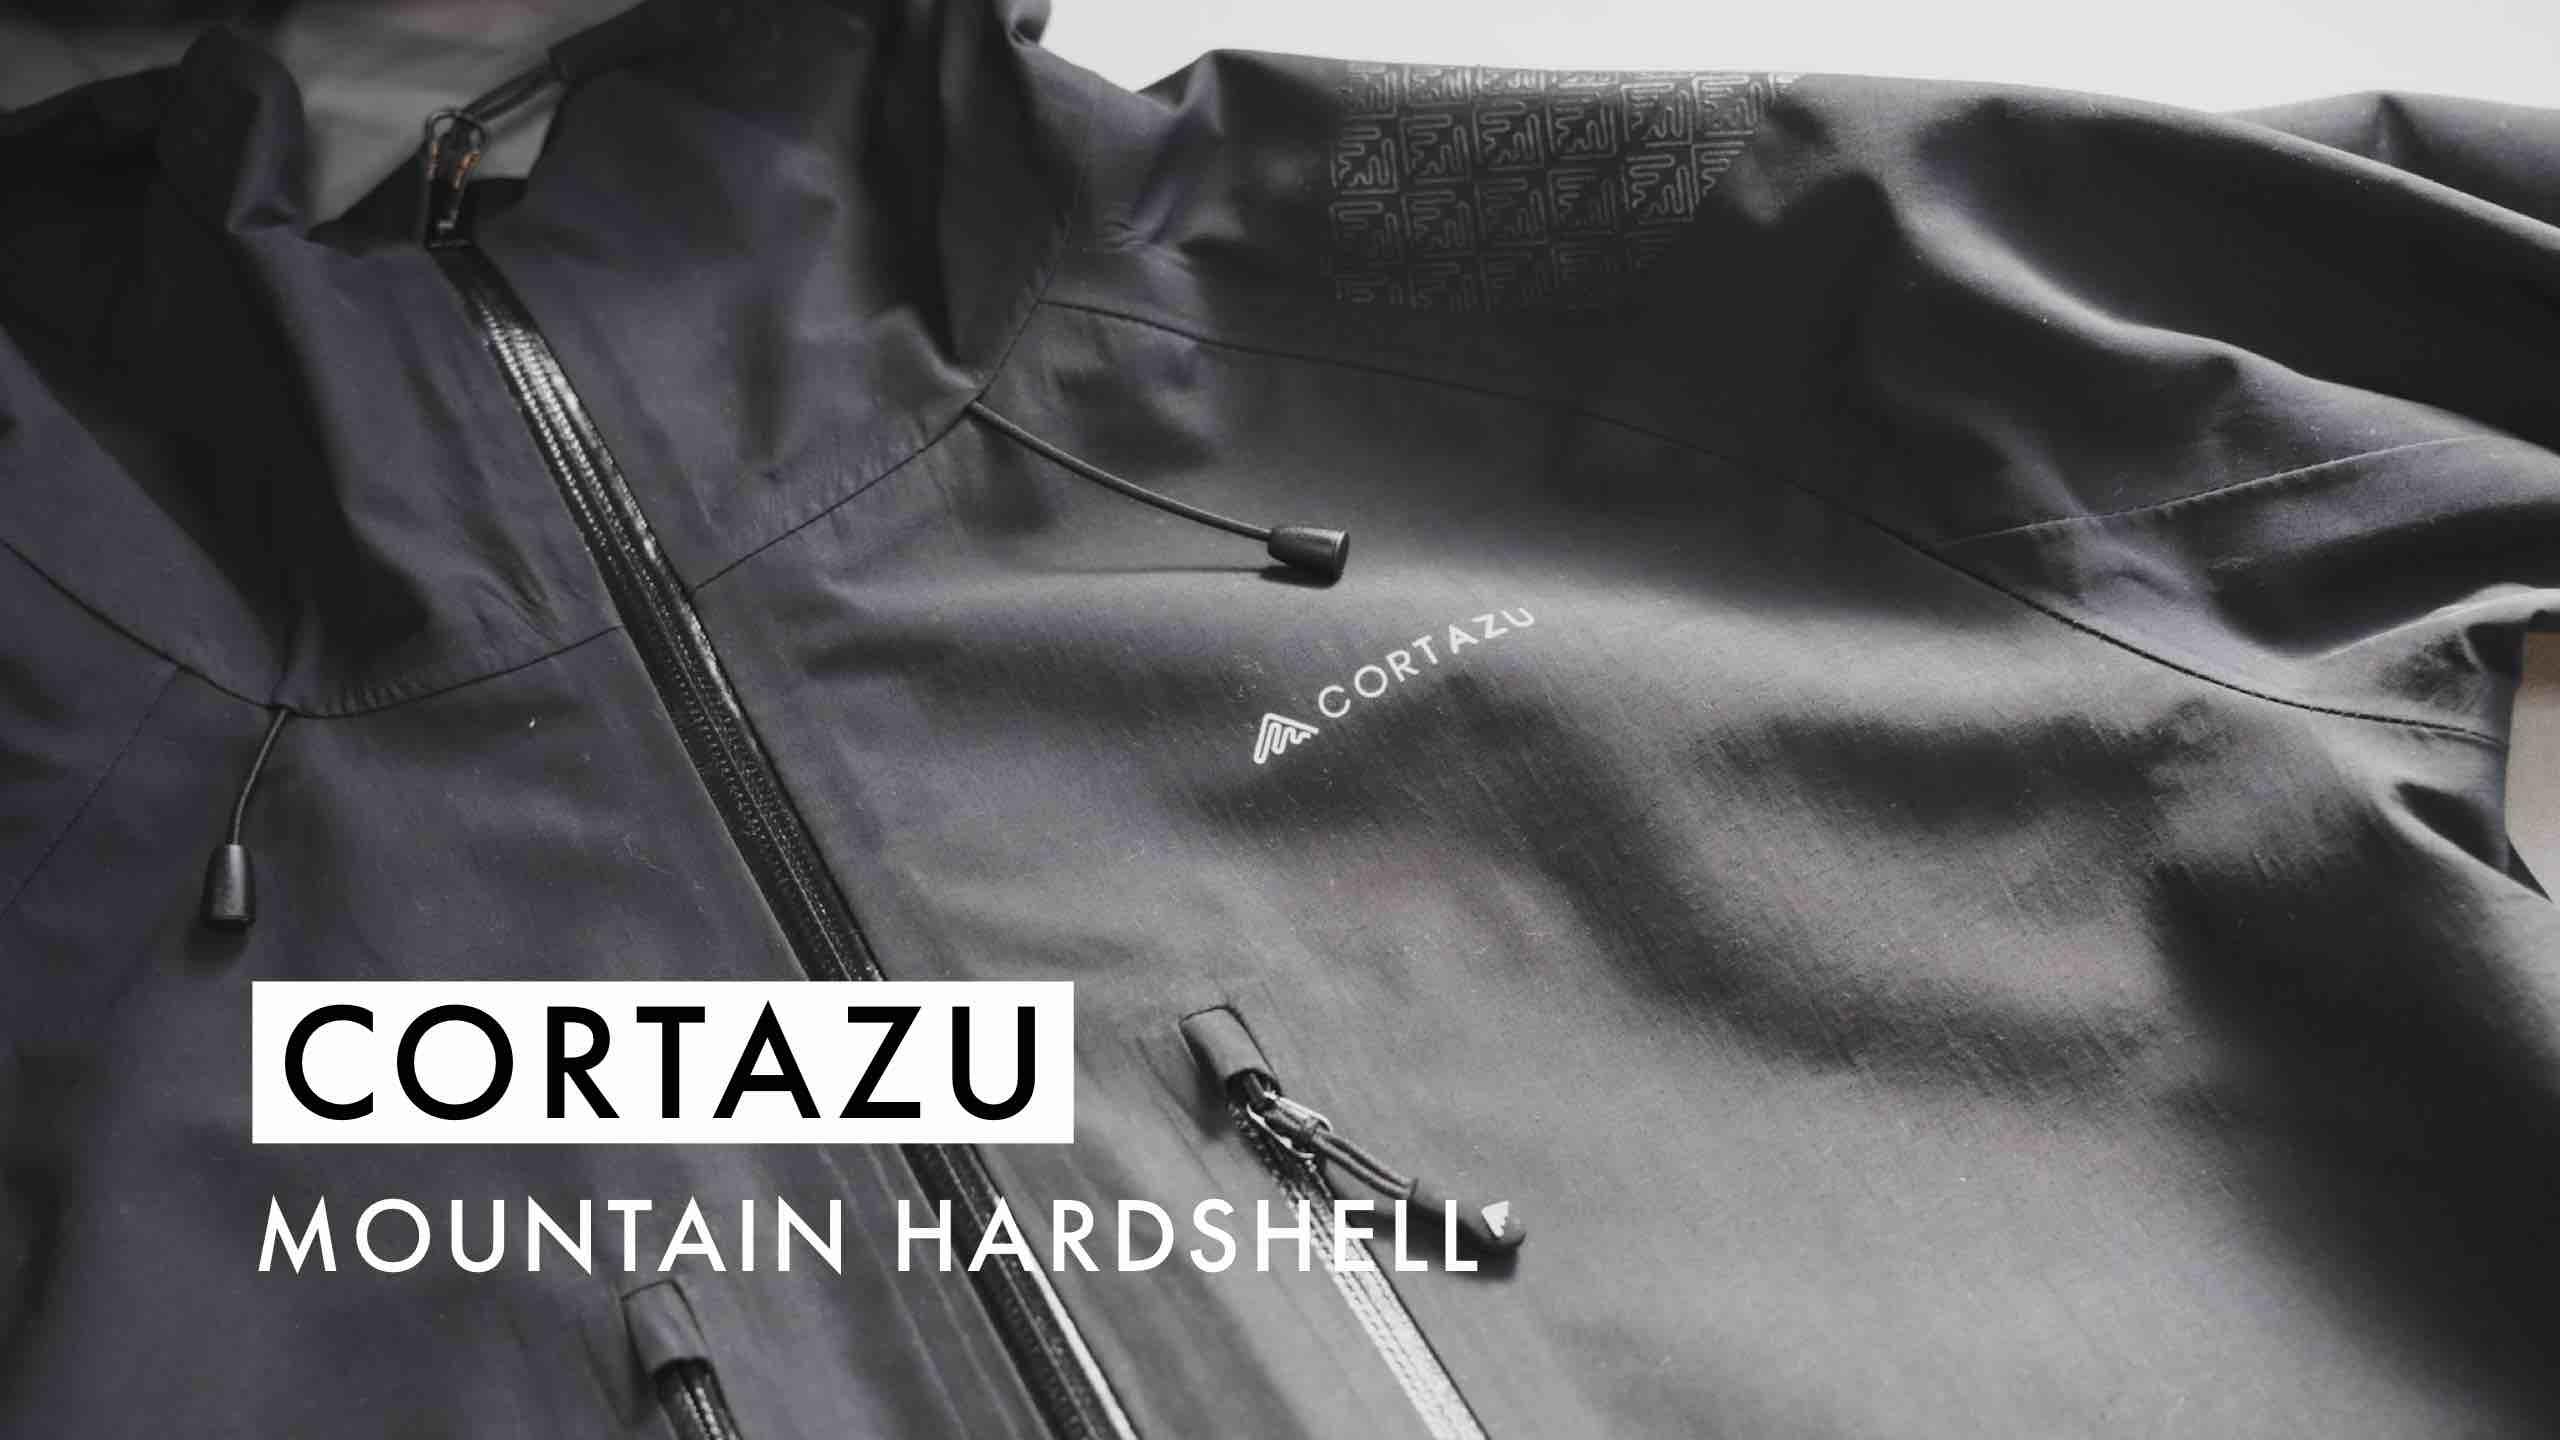 【国内最速レビュー】オランダ発!CORTAZUのハードシェルジャケットはコスパ最強でした…!